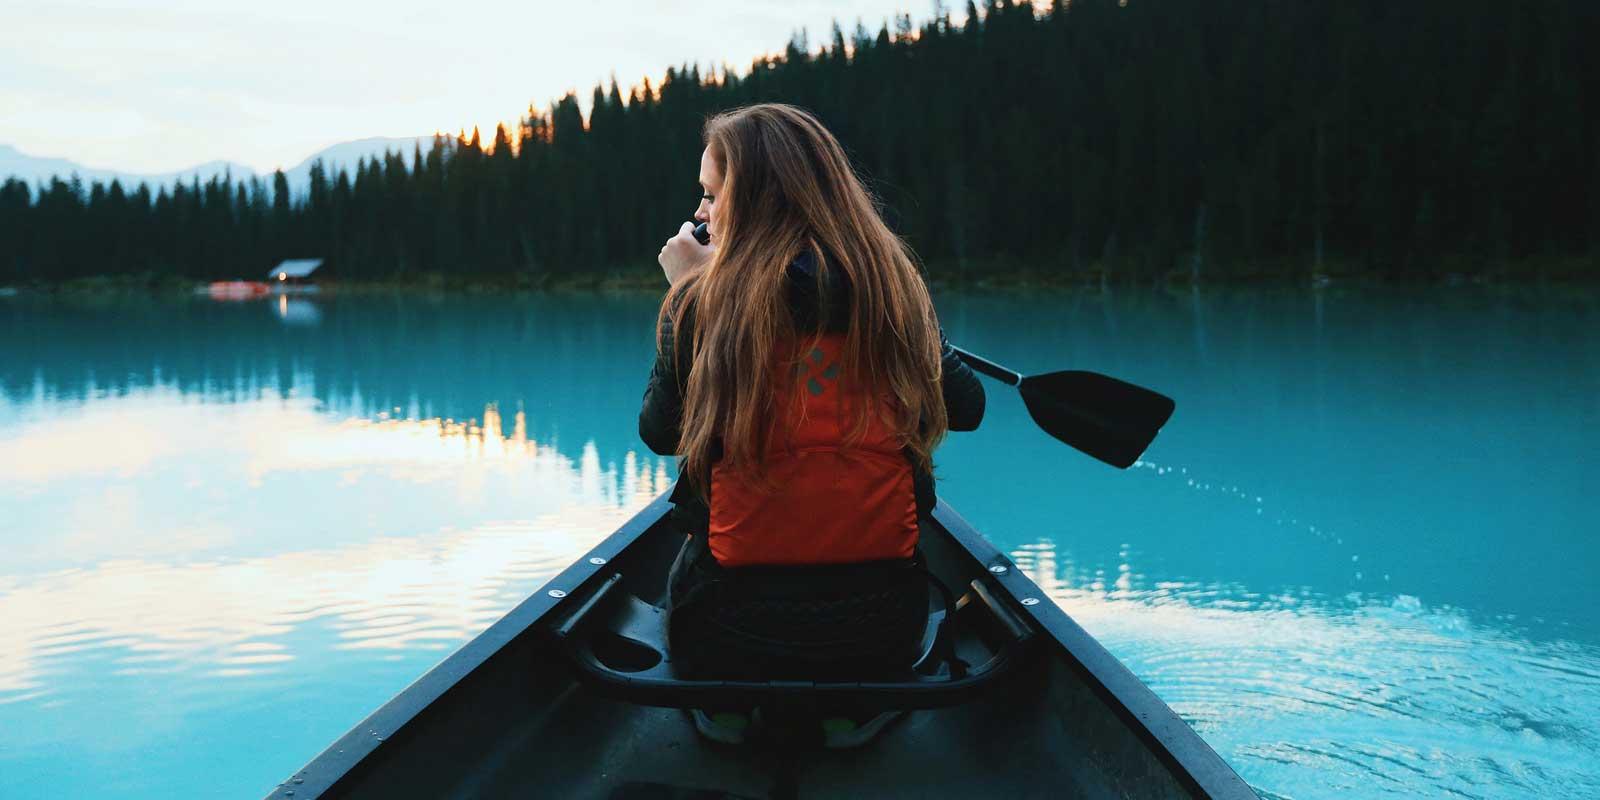 canoe-image-11